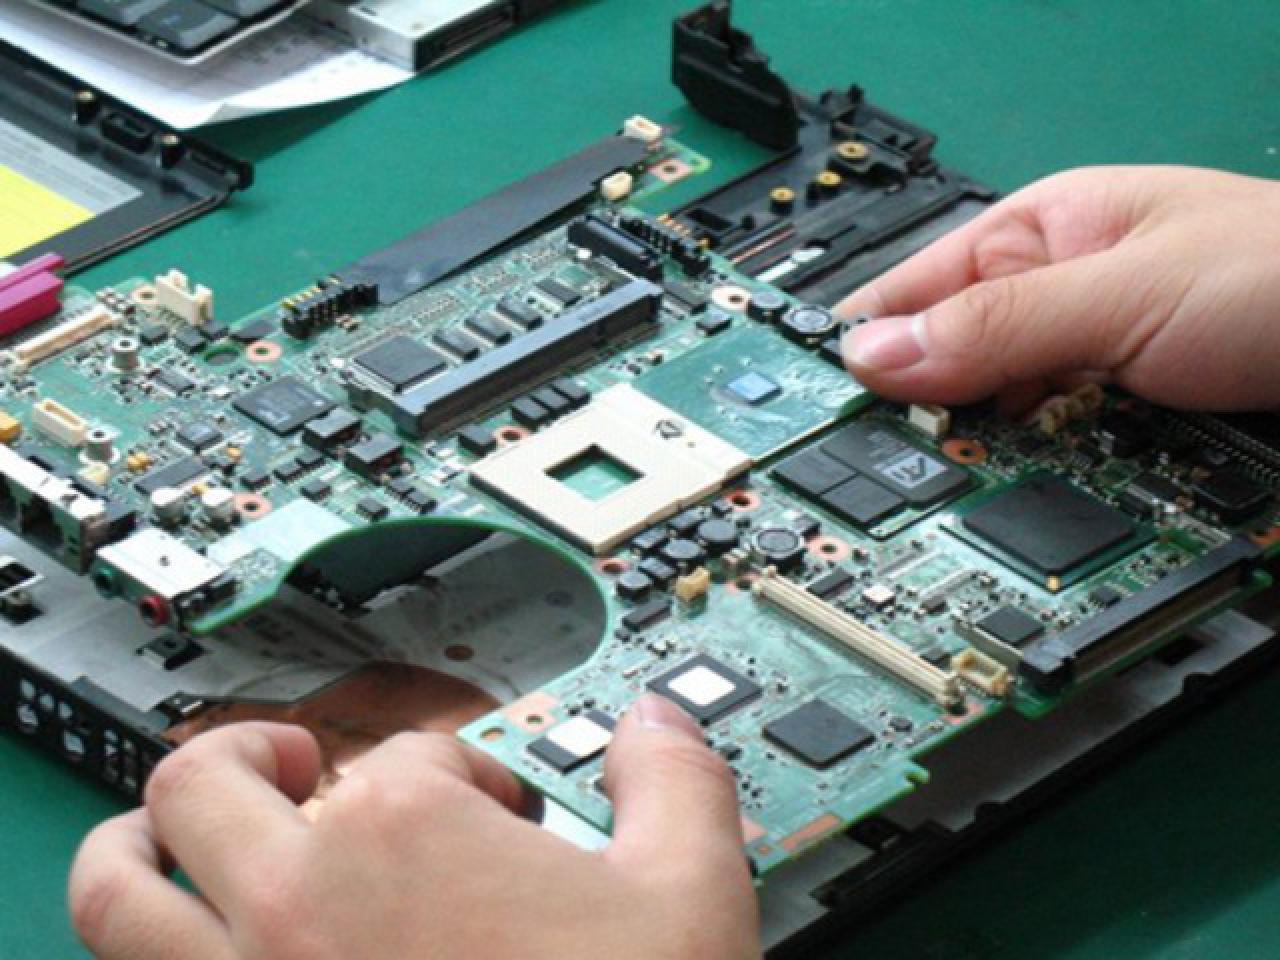 Ремонт компьютеров,ноутбуков,macbook,imac,ребоулинг и замена видео чипов,снятие паролей. - 1